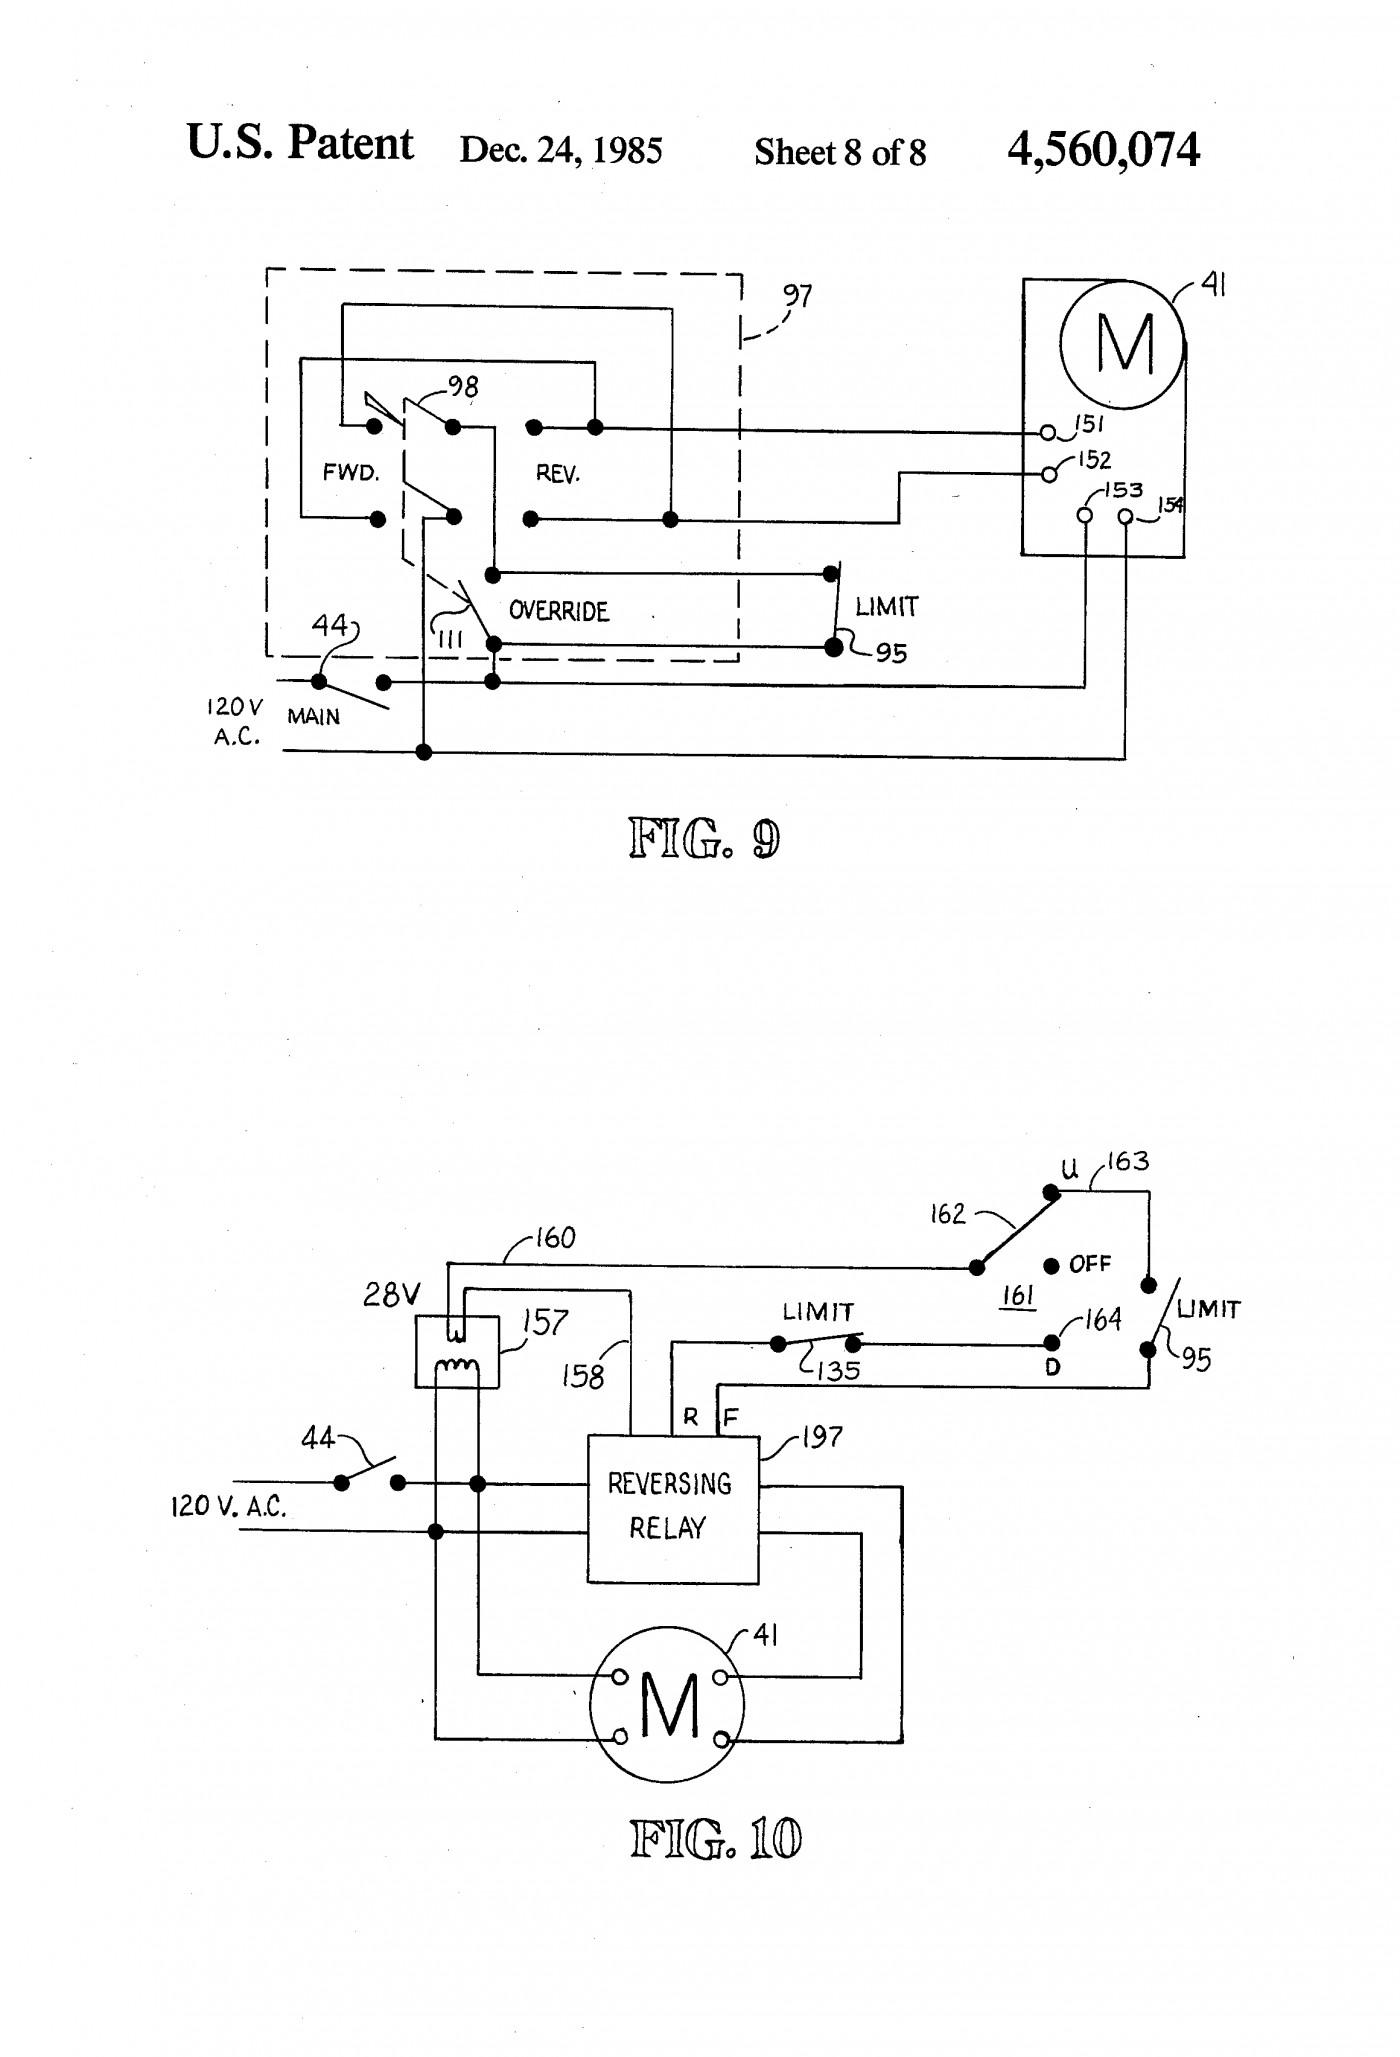 Upright Scissor Lift Wiring Diagram Jlg Lift Wiring Diagram Diagrams Construction Uprightor Of Upright Scissor Lift Wiring Diagram